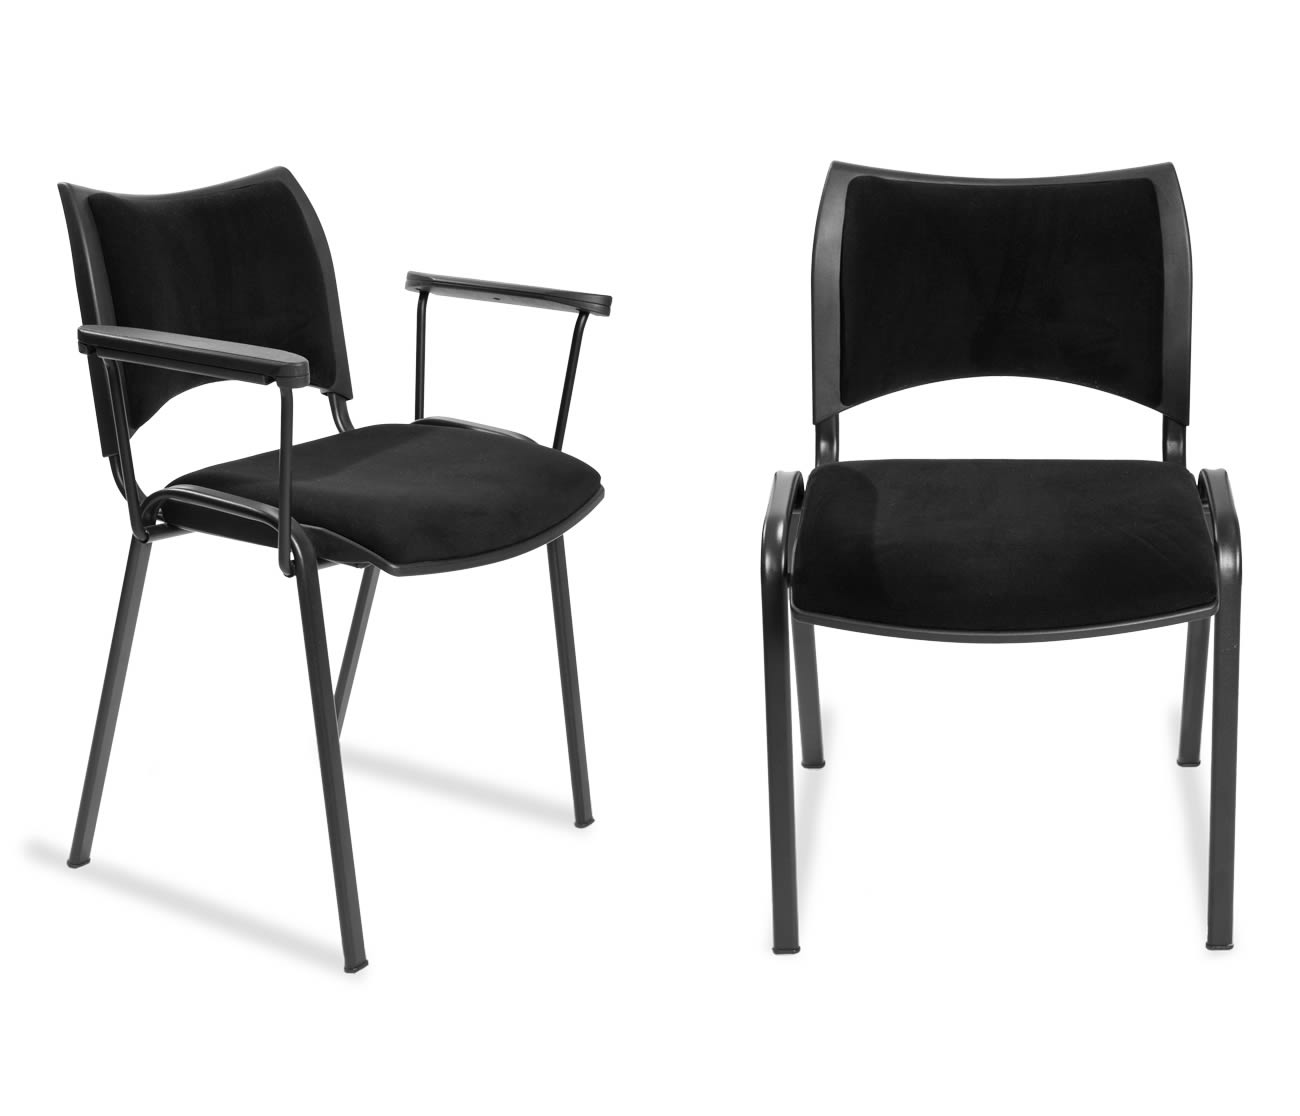 Ducon sillas para oficinas sillas ergon micas for Sillas ejecutivas para oficina